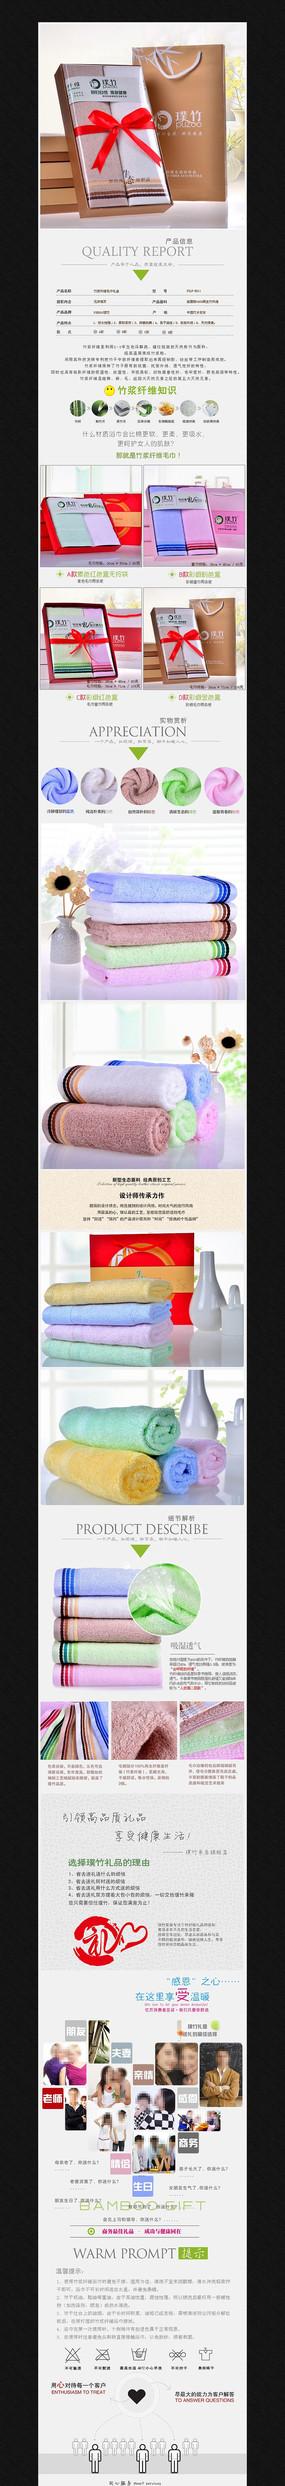 淘宝毛巾详情页细节描述PSD模板